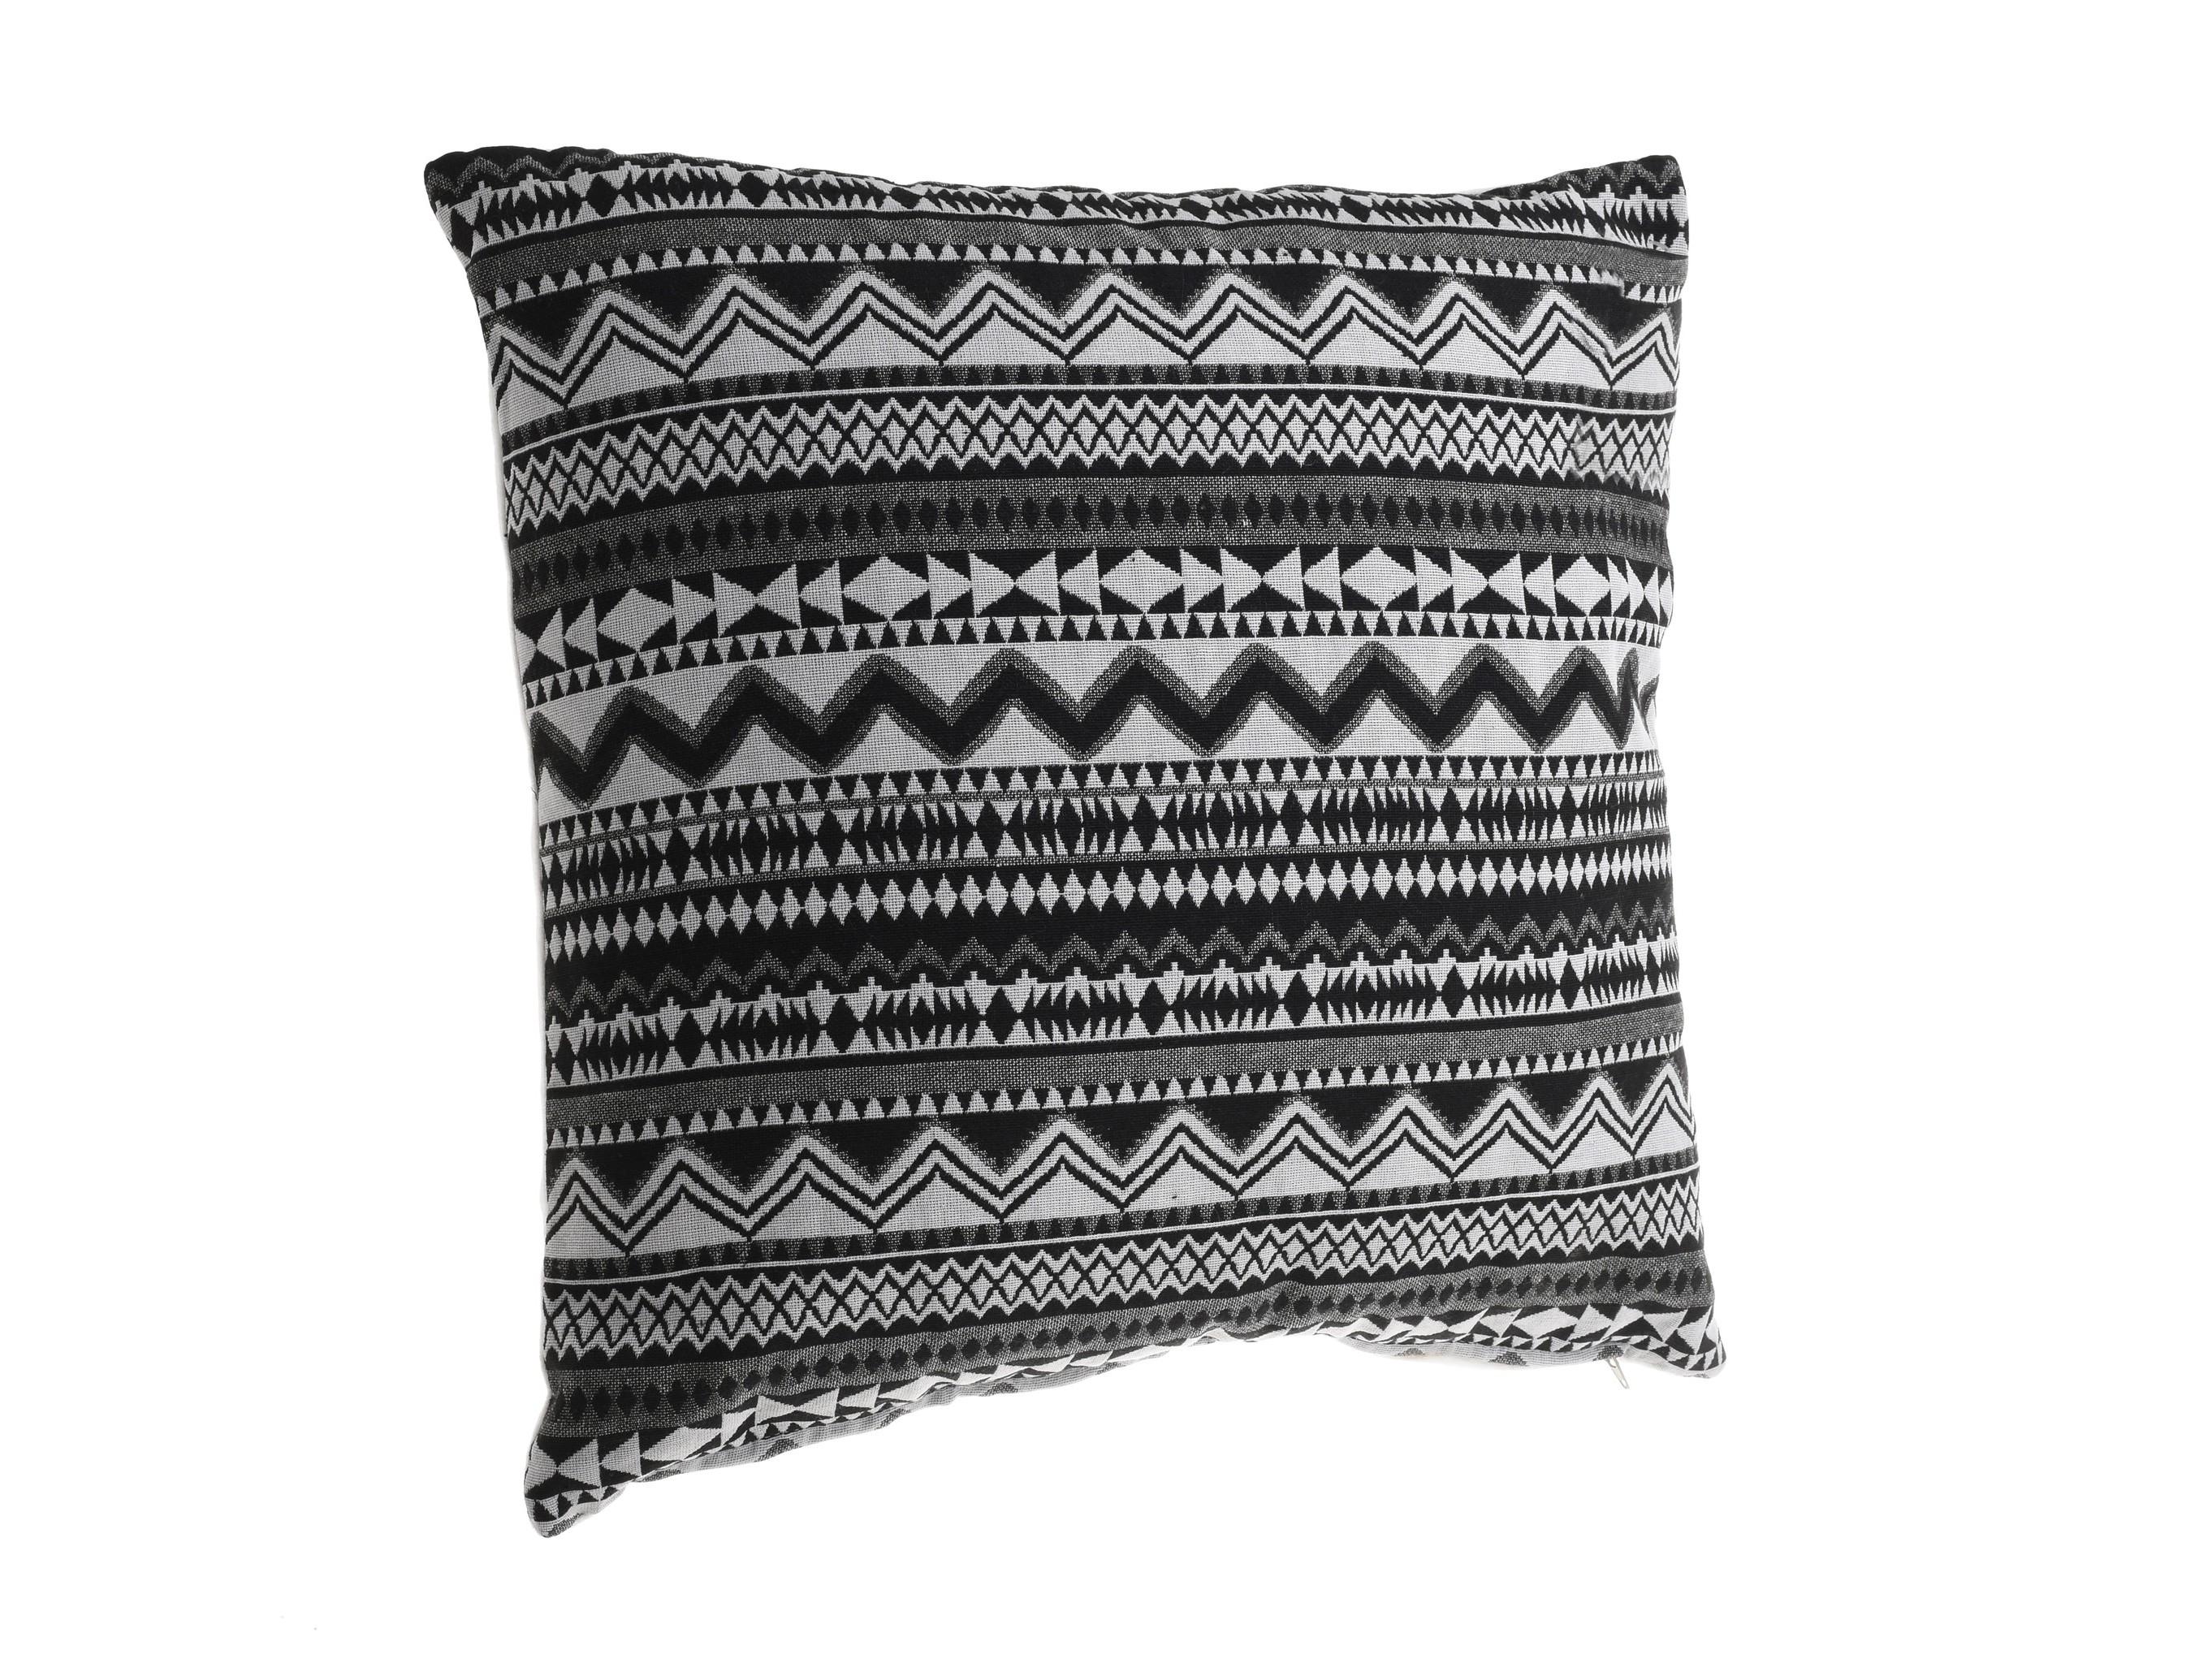 Подушка SkylarКвадратные подушки и наволочки<br><br><br>Material: Текстиль<br>Ширина см: 43<br>Высота см: 43<br>Глубина см: 5